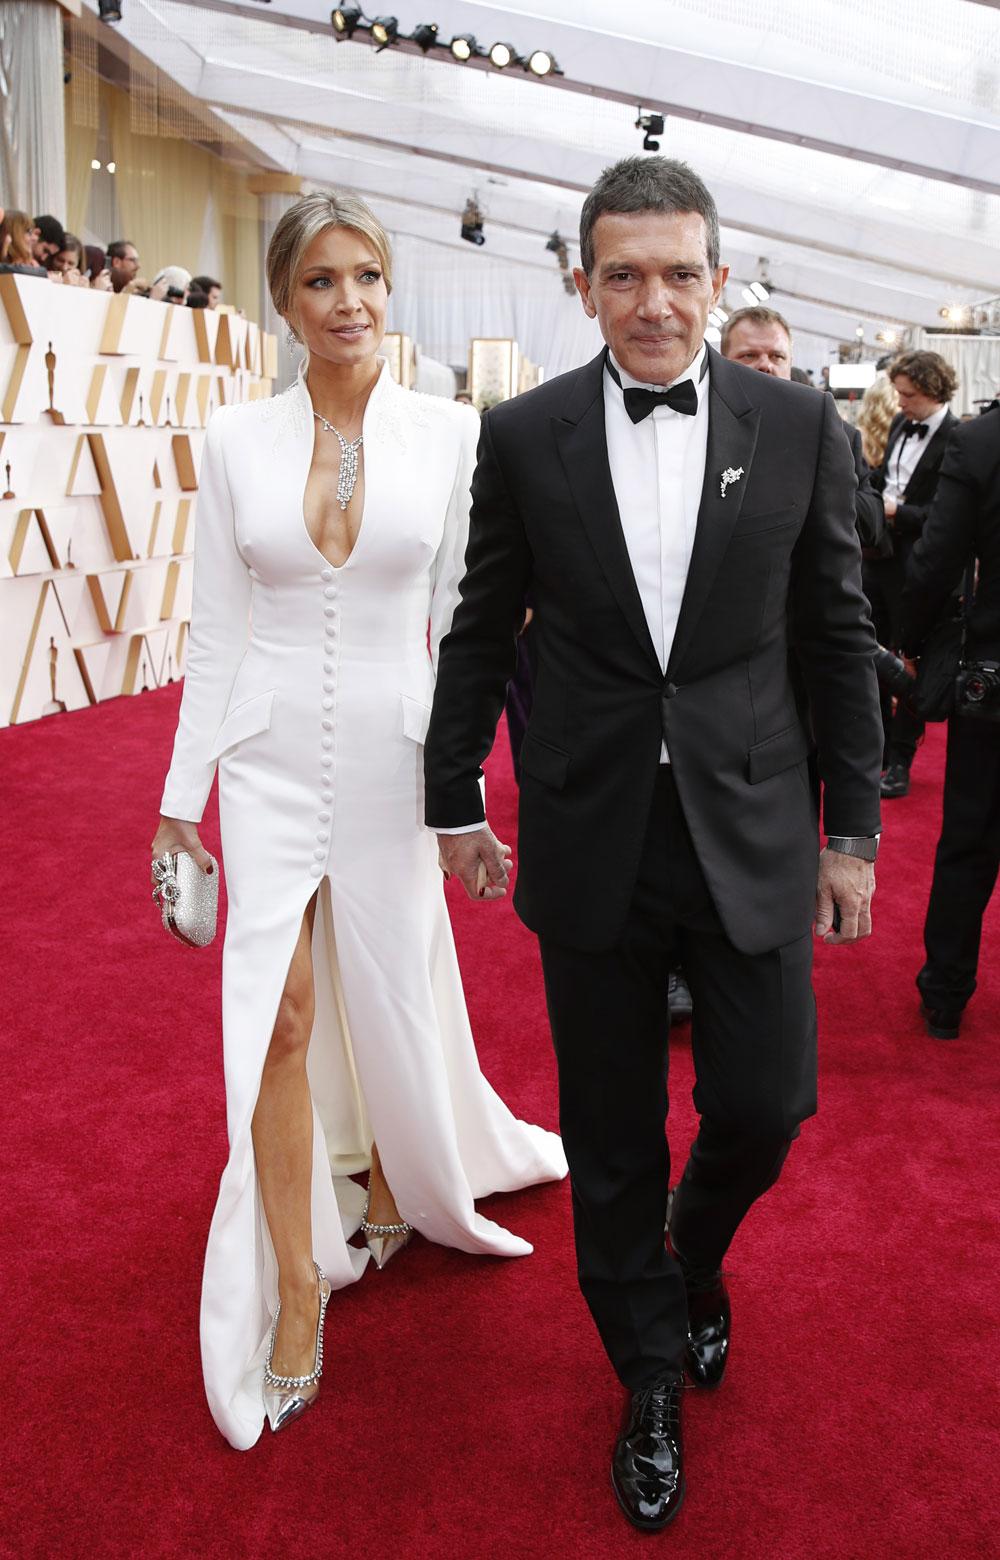 Zapatos Oscars 2020: Nicole Kimpel, vestido blanco y zapatos de salón en los Oscars 2020.